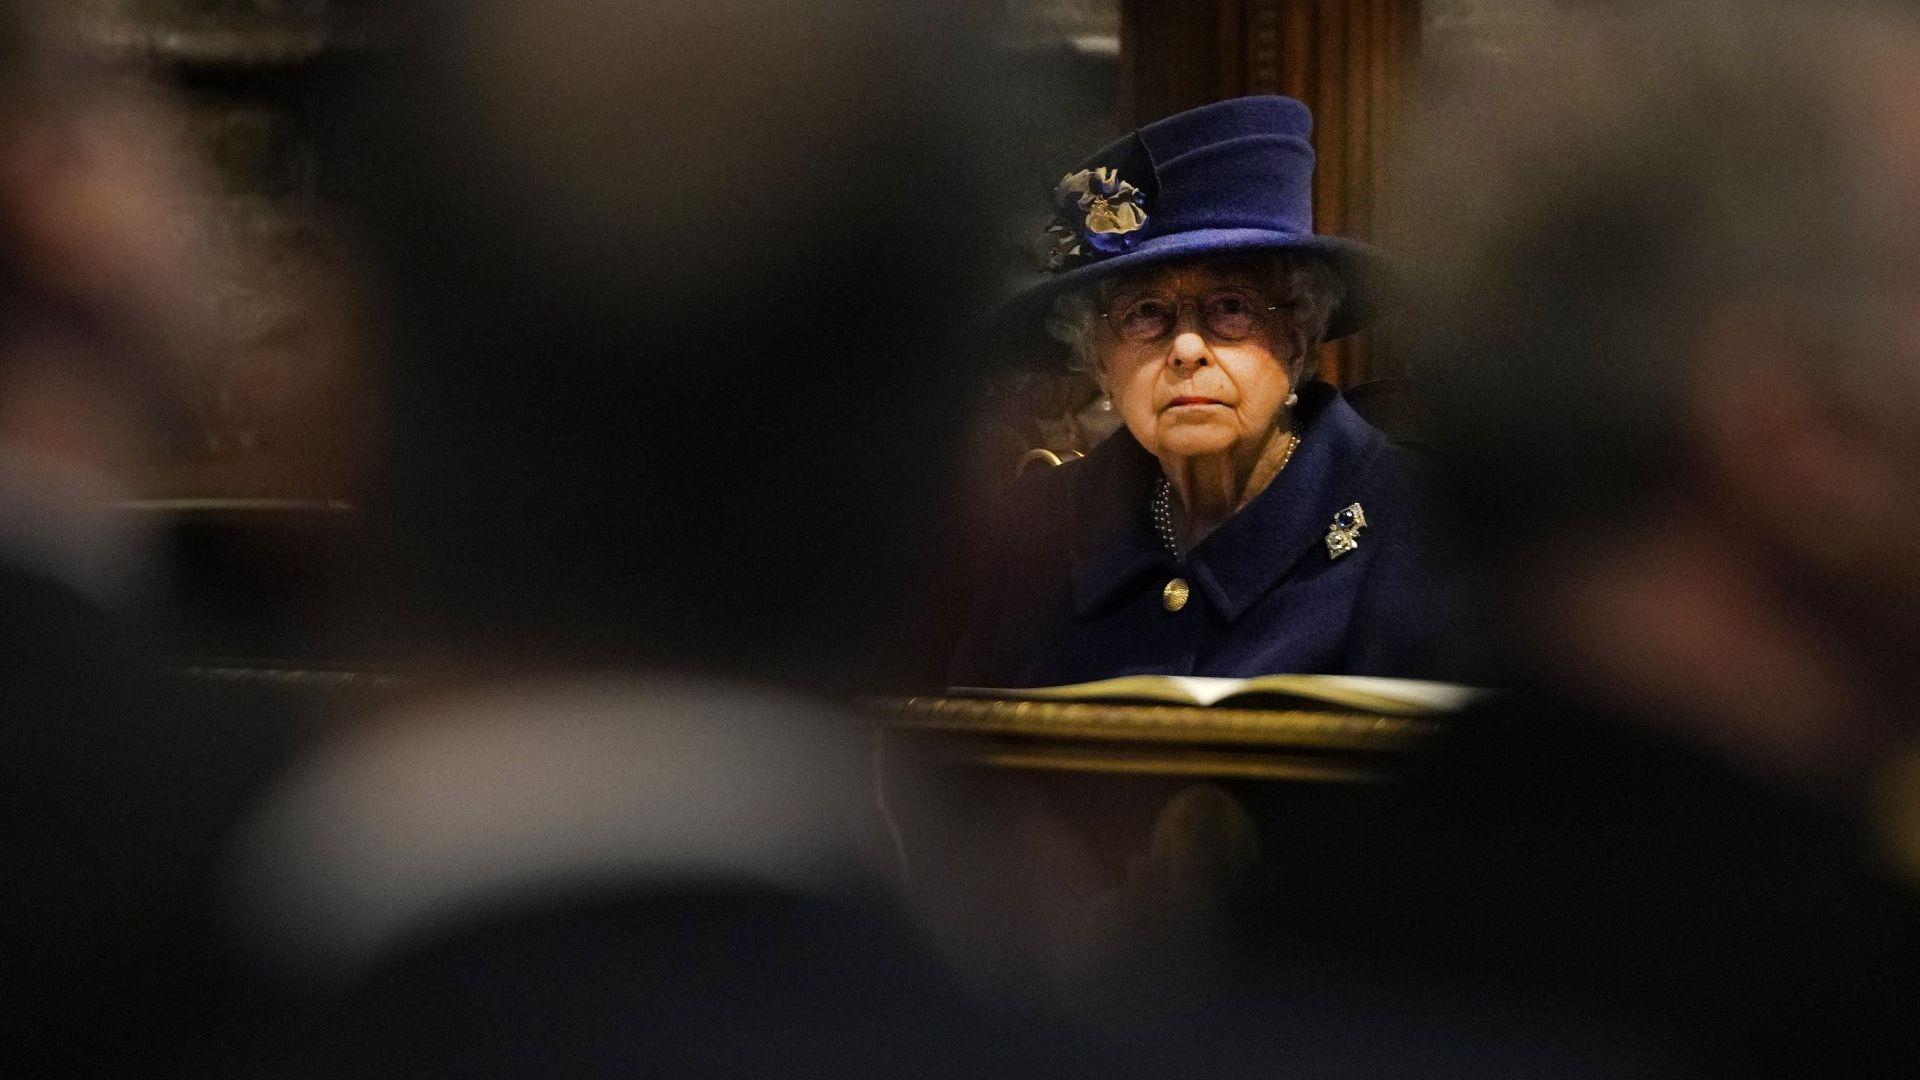 Кралица Елизабет се появи с бастун на обществено място (снимка)